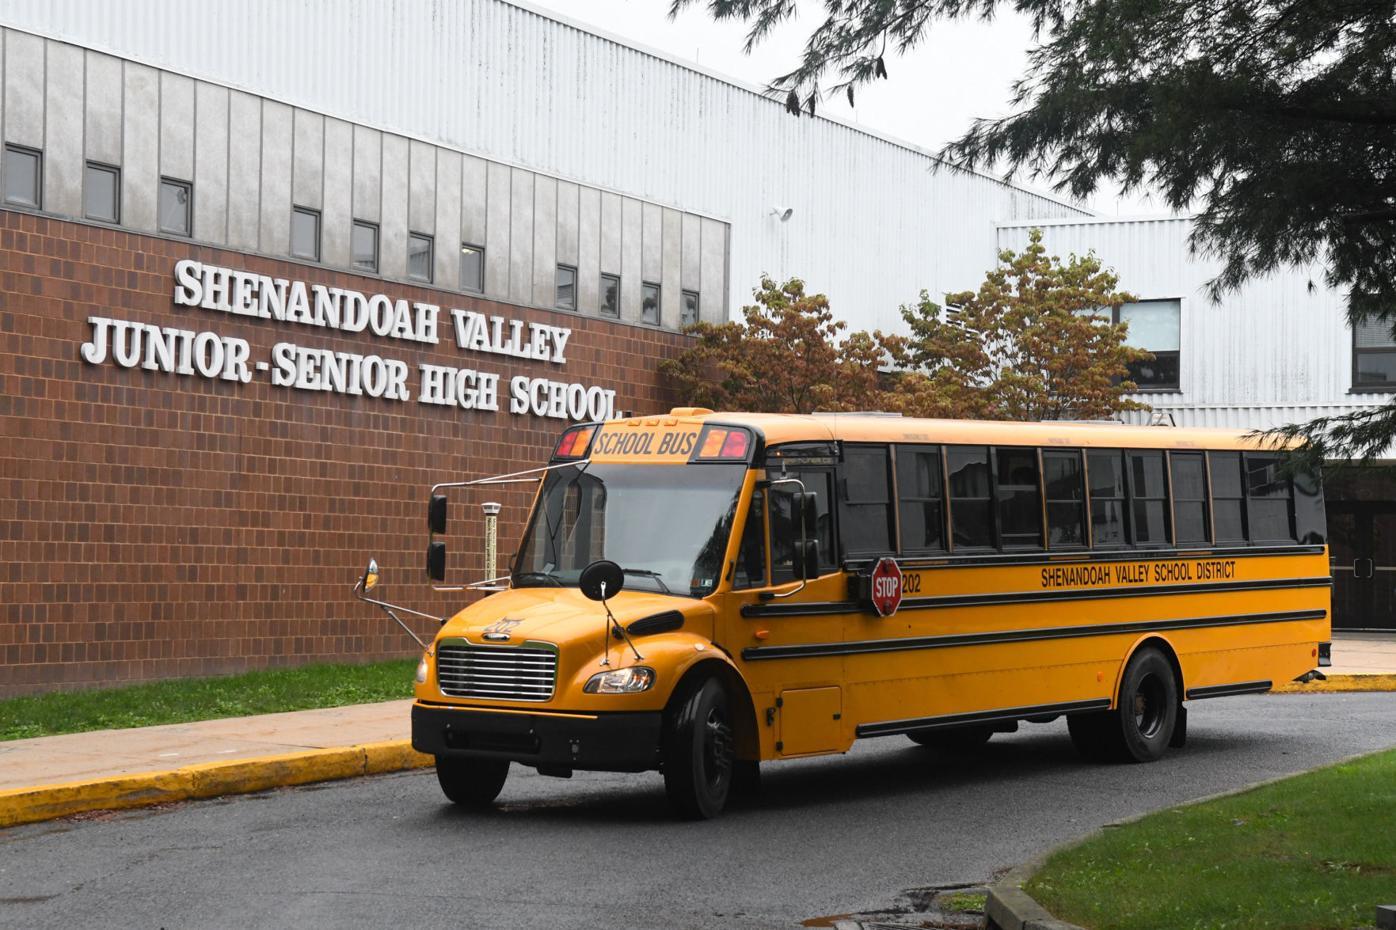 Shenandoah Valley Busses